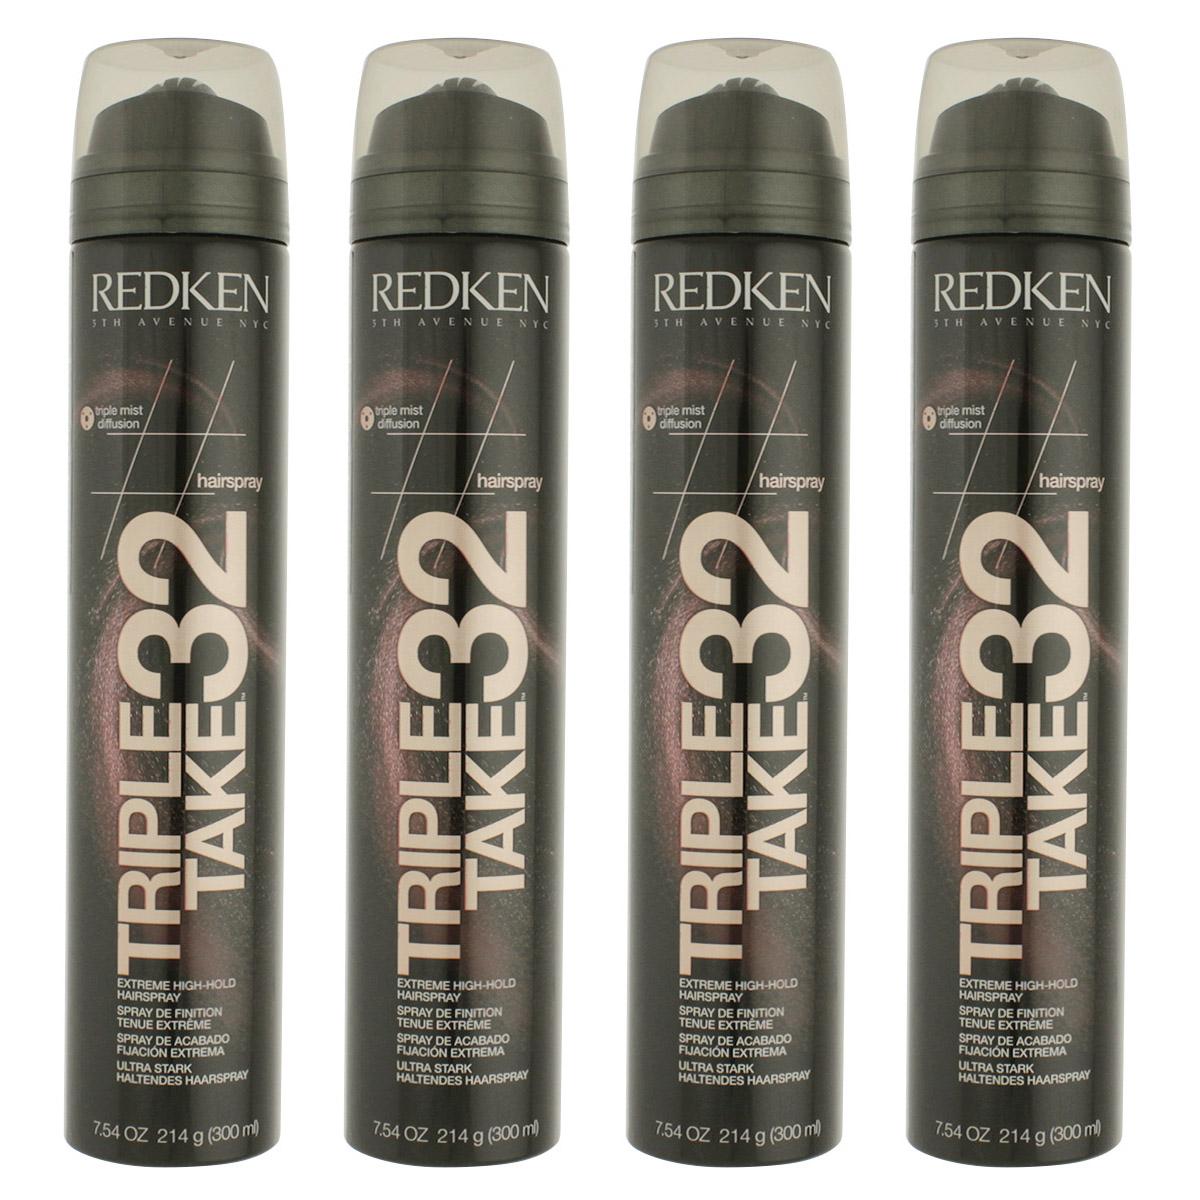 Redken Triple Take 32 Extreme High-Hold Hairspray 4 x 300 ml